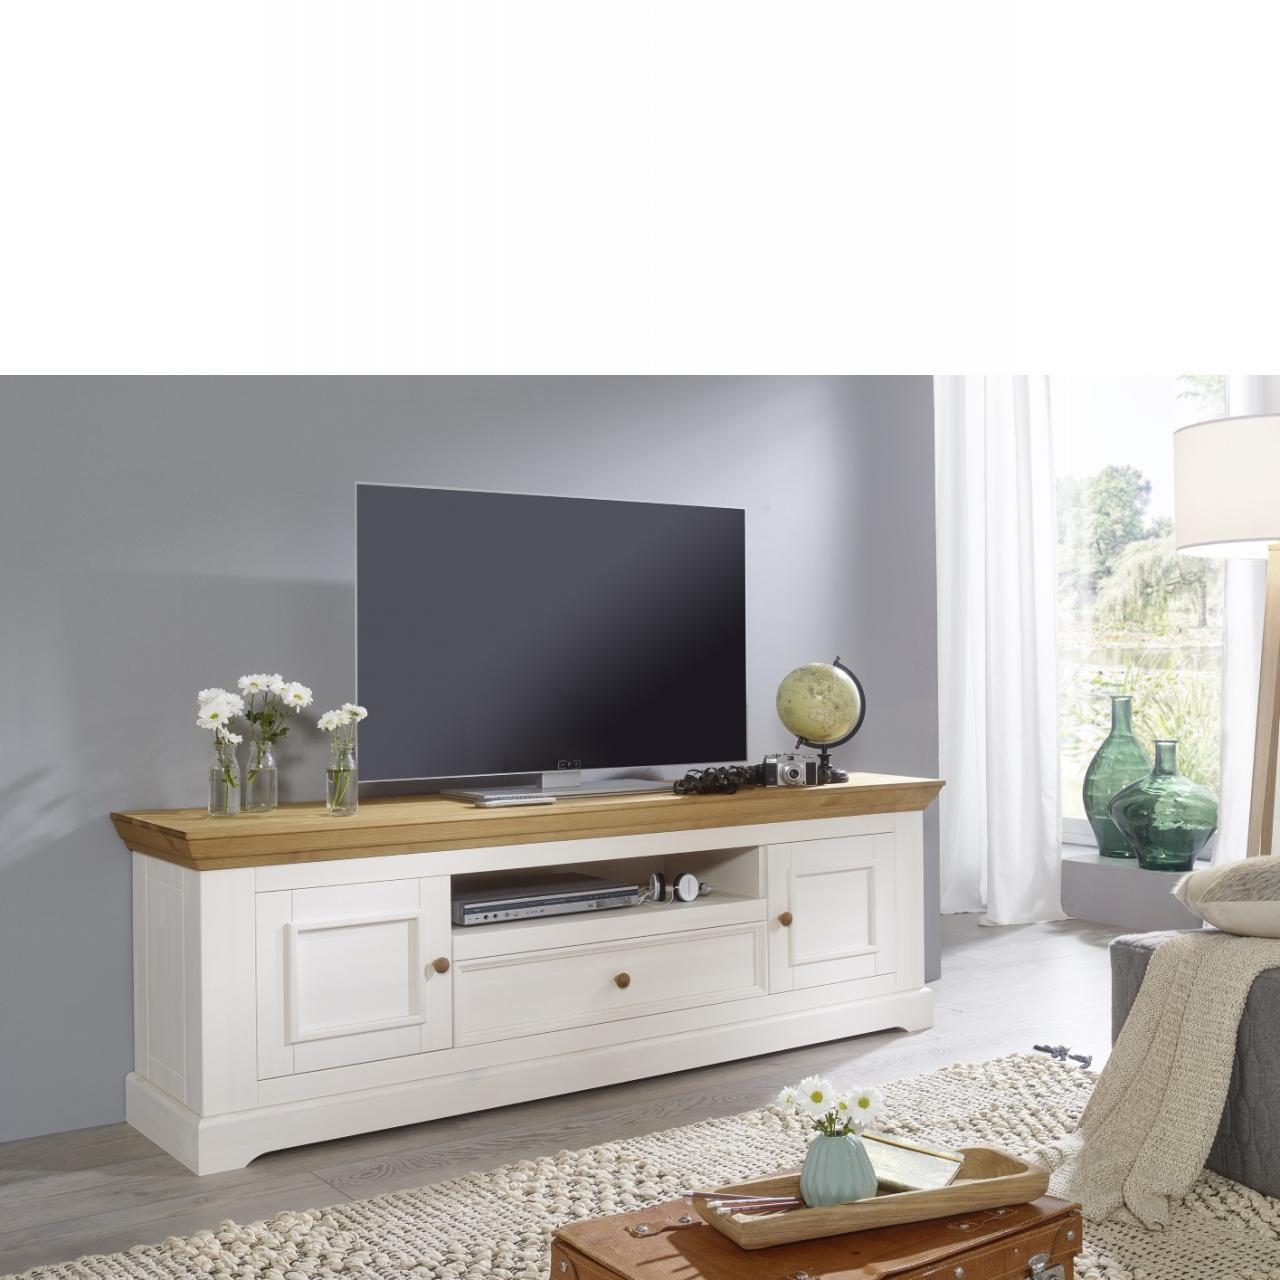 wohnwand bonanza driftwood dunkelgrau wohnw nde wohnen m bel j hnichen center gmbh. Black Bedroom Furniture Sets. Home Design Ideas